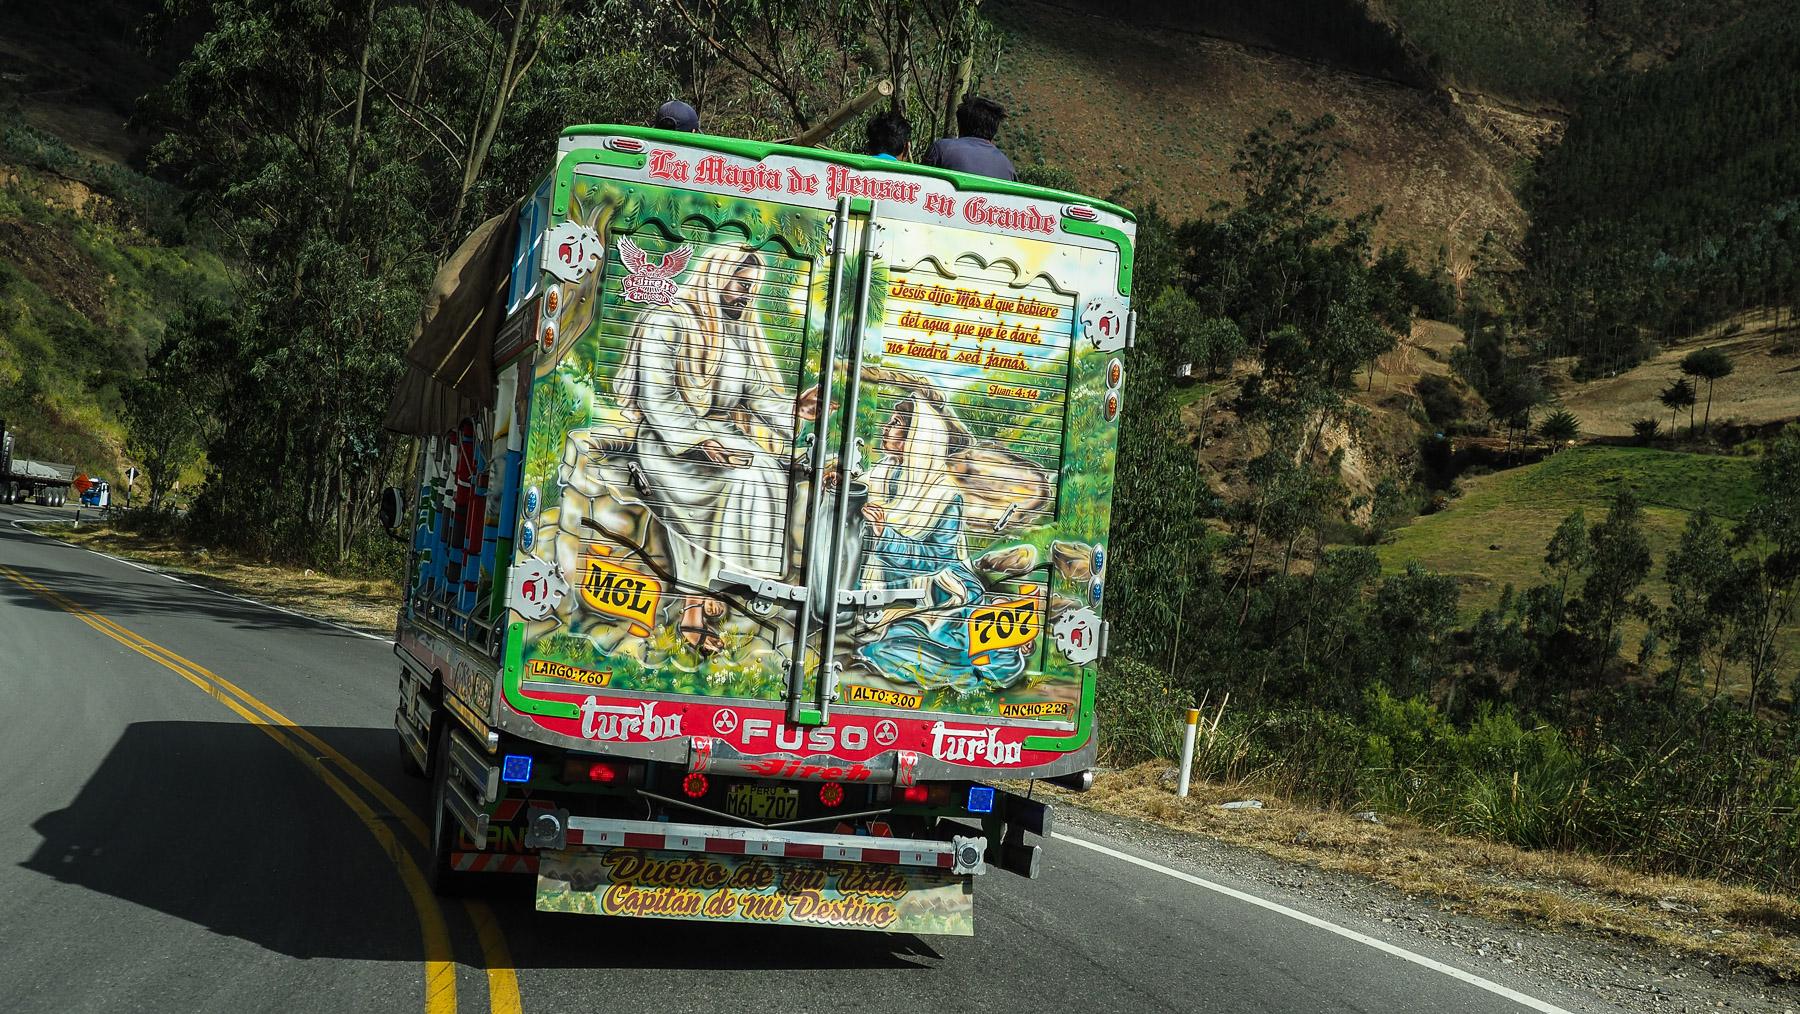 Religiöse Motive auf den Lastwagen sind sehr beliebt in Peru